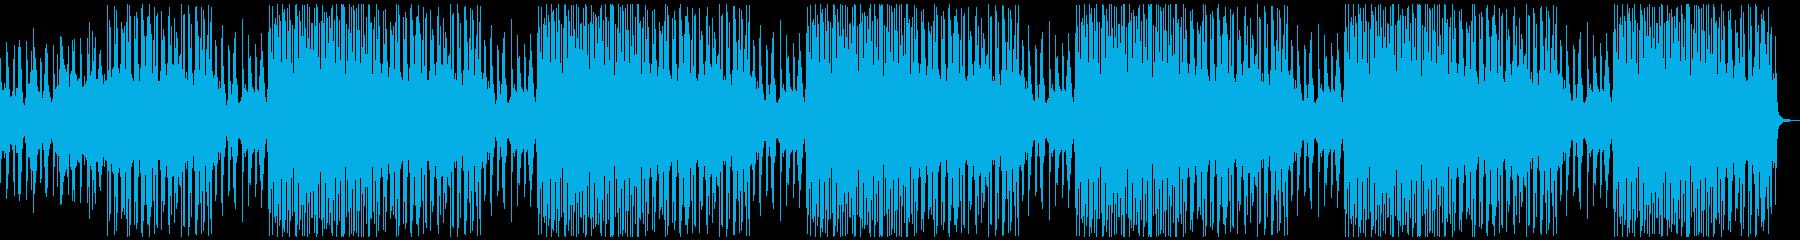 モダンで柔らかなエレクトロニカ、10分の再生済みの波形